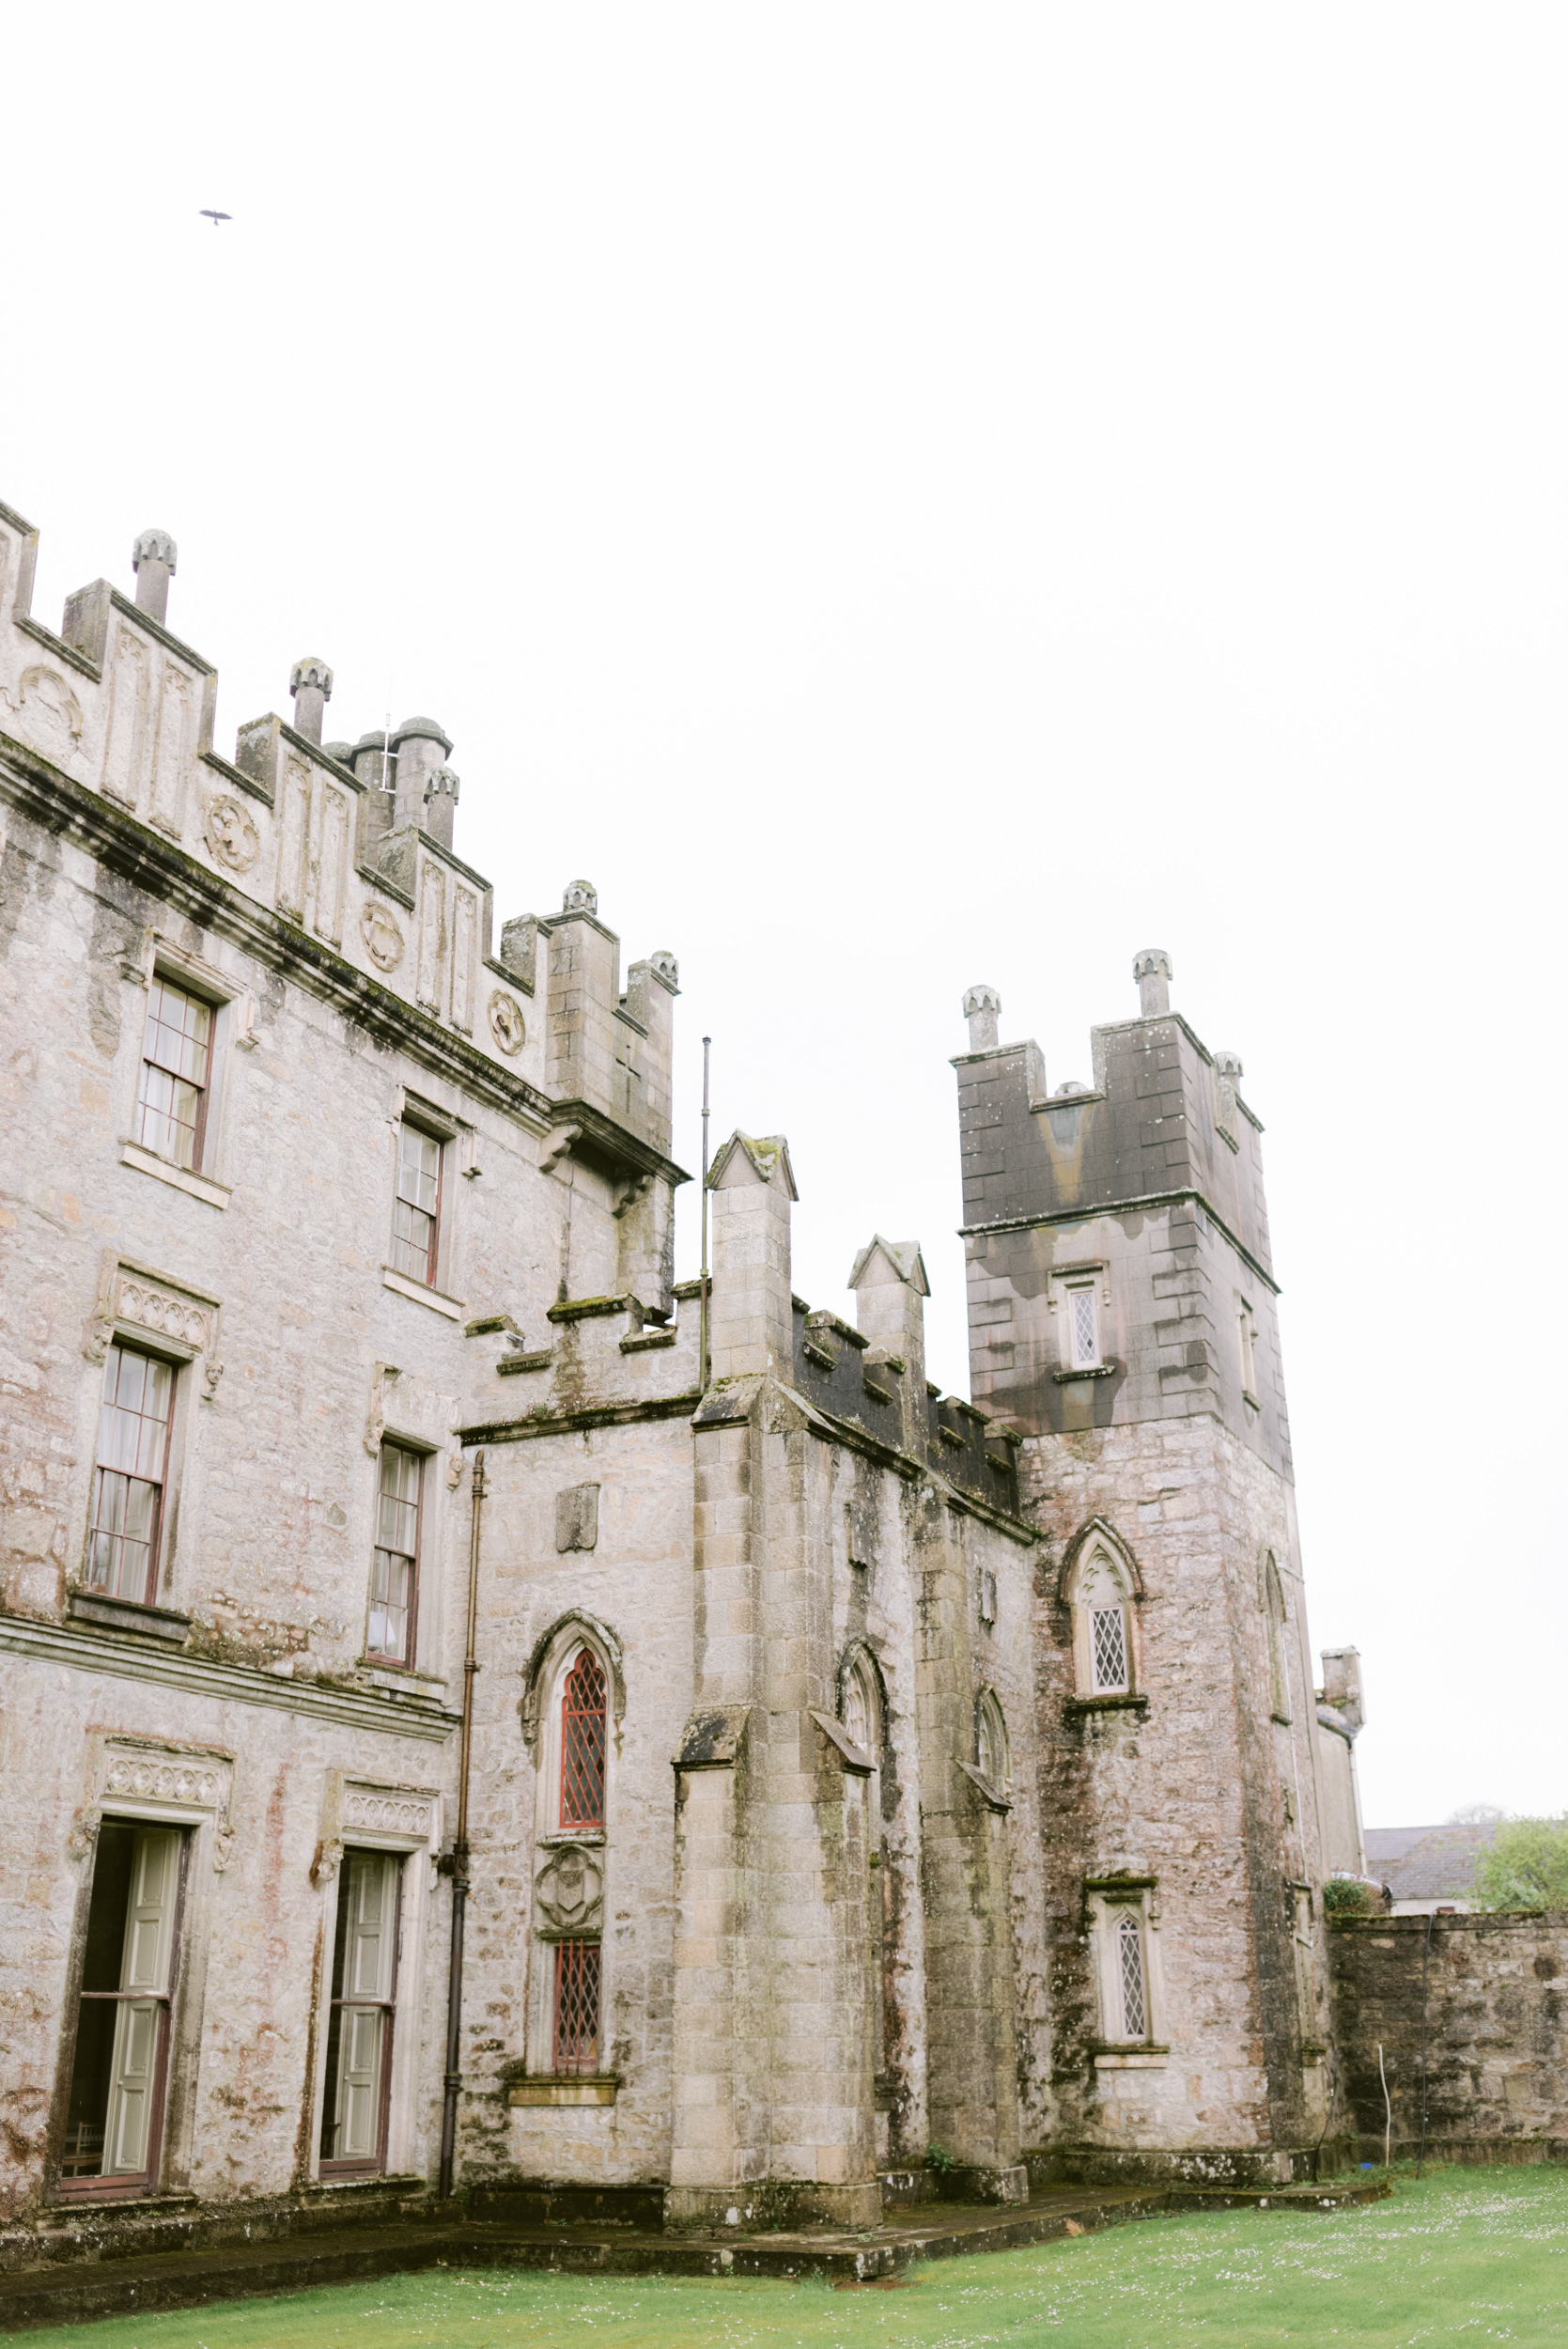 borris house wedding, best wedding venues in ireland, irish castle wedding, old wedding venues ireland, carlow wedding venues, One Fab Day 100 Best Wedding Venues, country house wedding ireland   -21.jpg